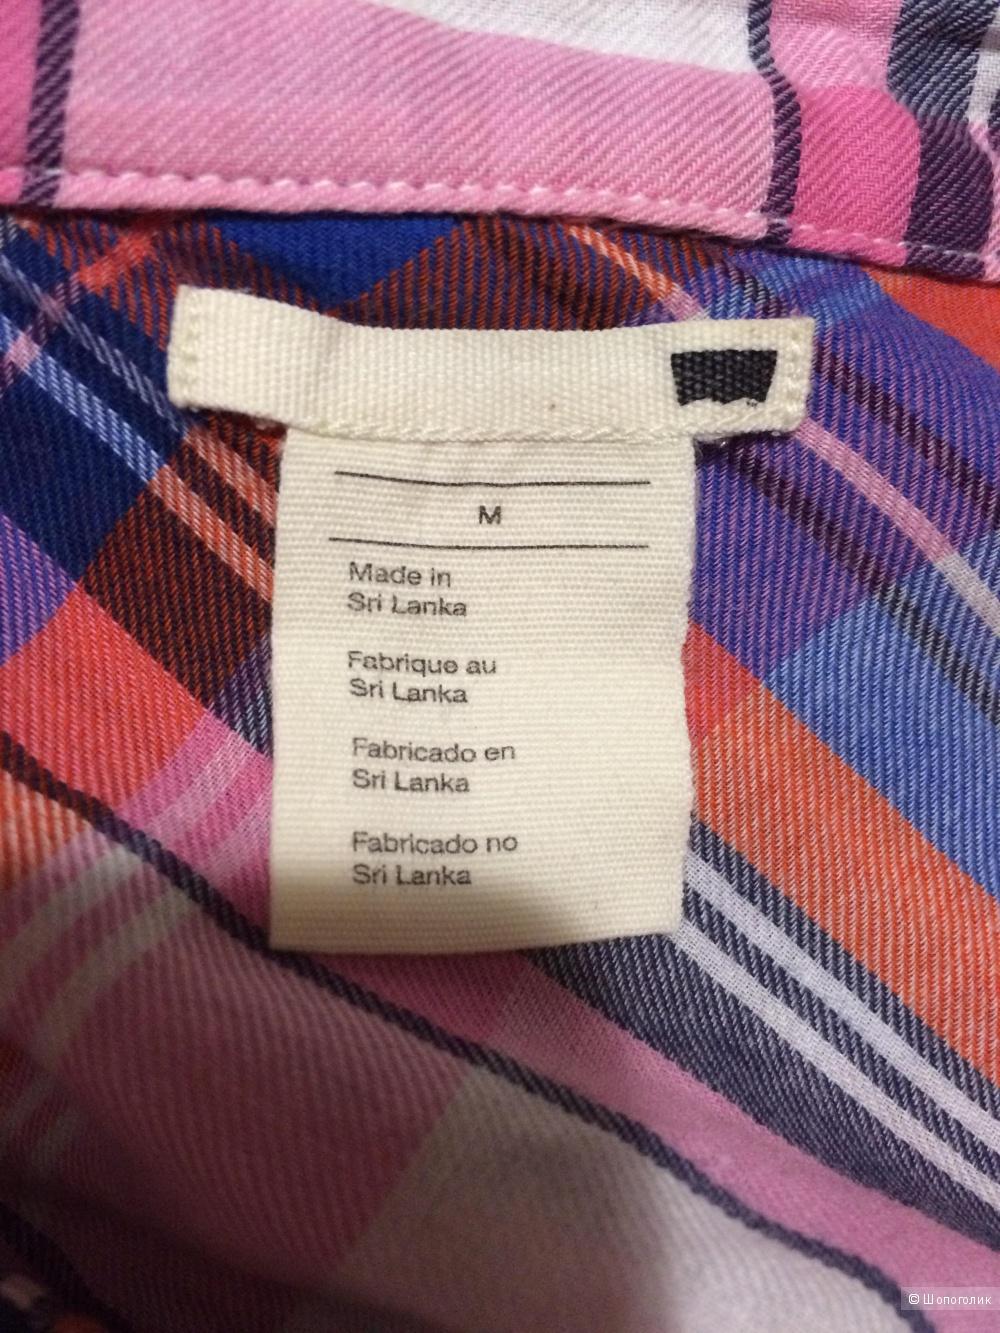 Рубашка в клетку Levis из тонкого хлопка, размер M